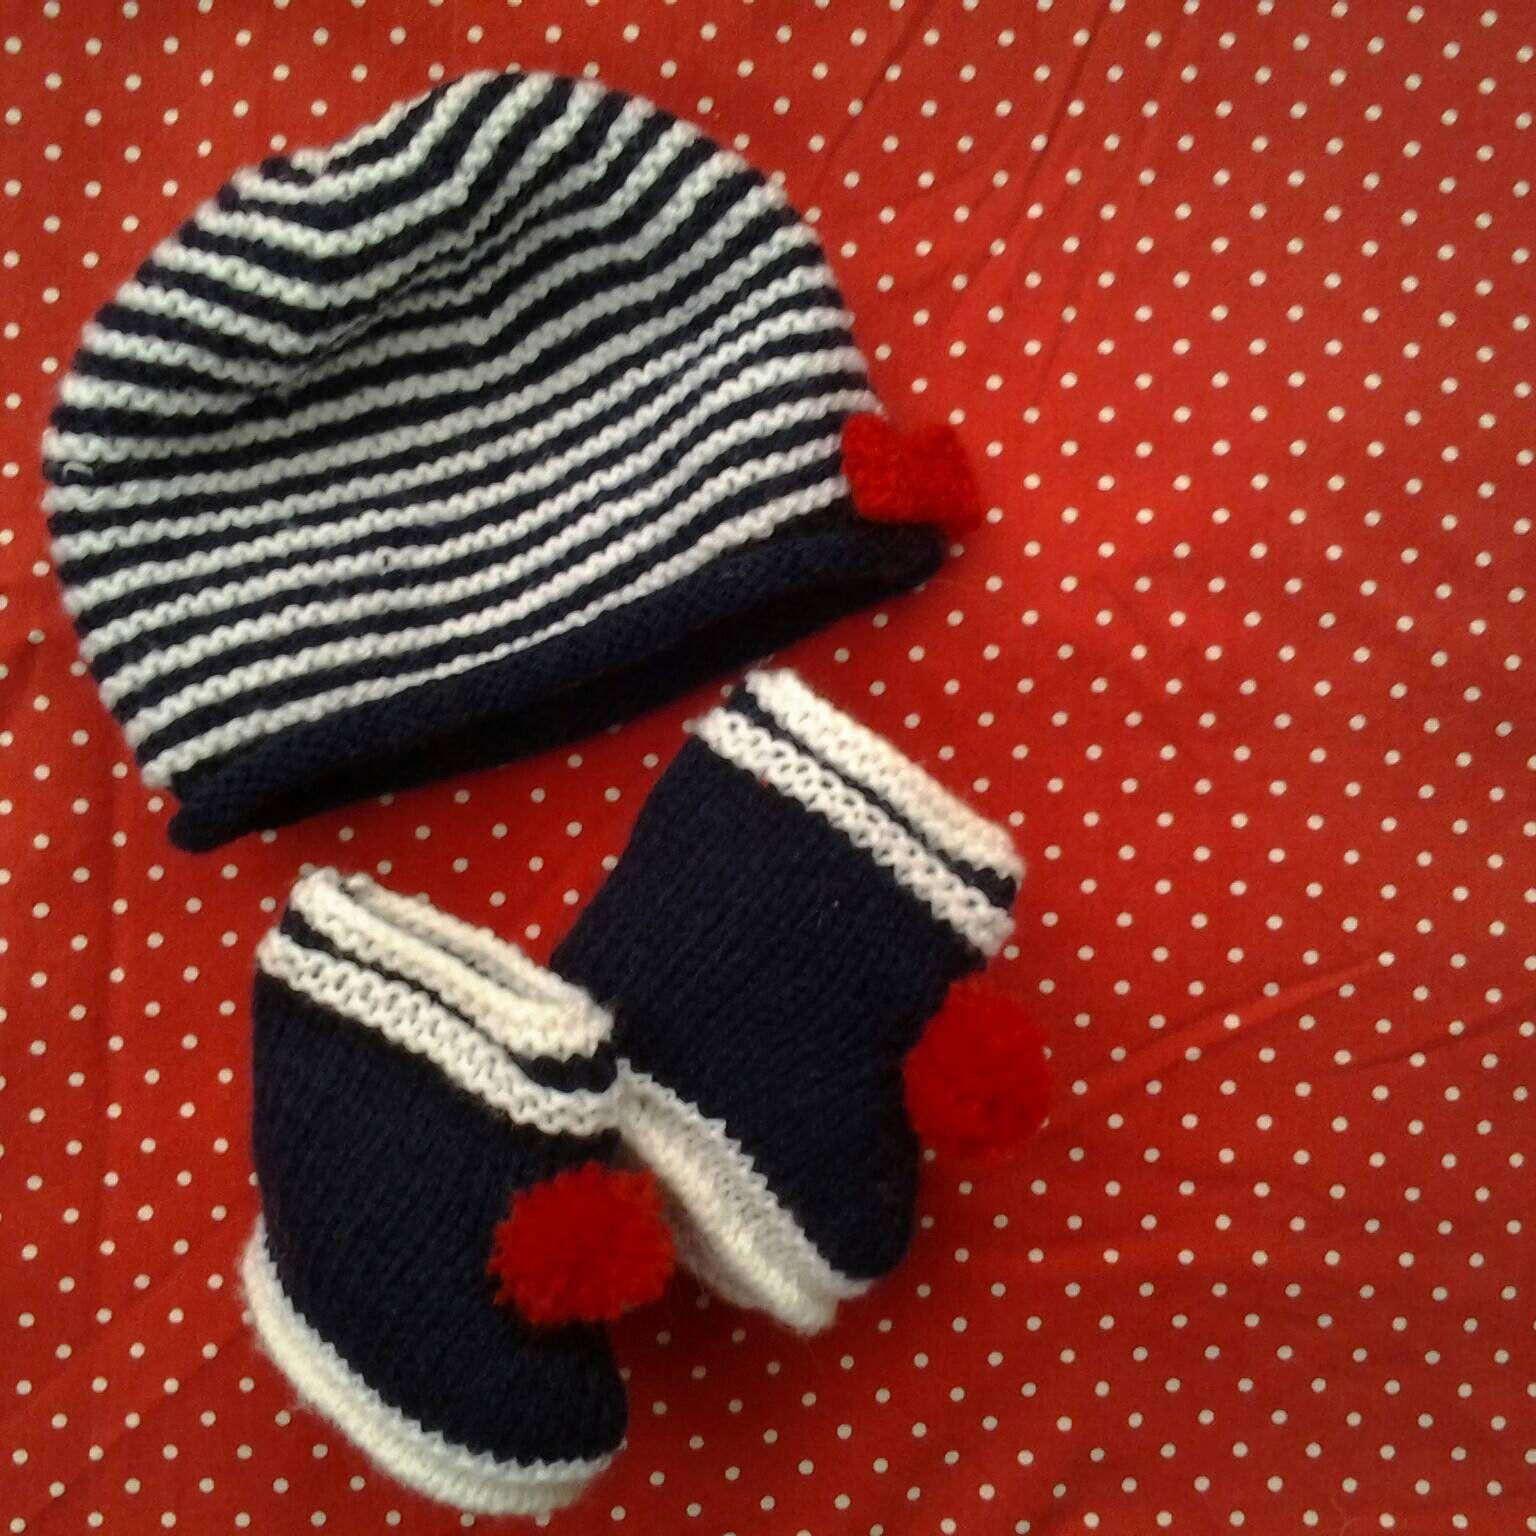 Bonnet et chaussons marins bébé naissance-3 mois acryli tricotés main ,  ensemble marin unisexe bonnet et chaussons pour bébé 0-3 mois de la  boutique ... 273d233adcf